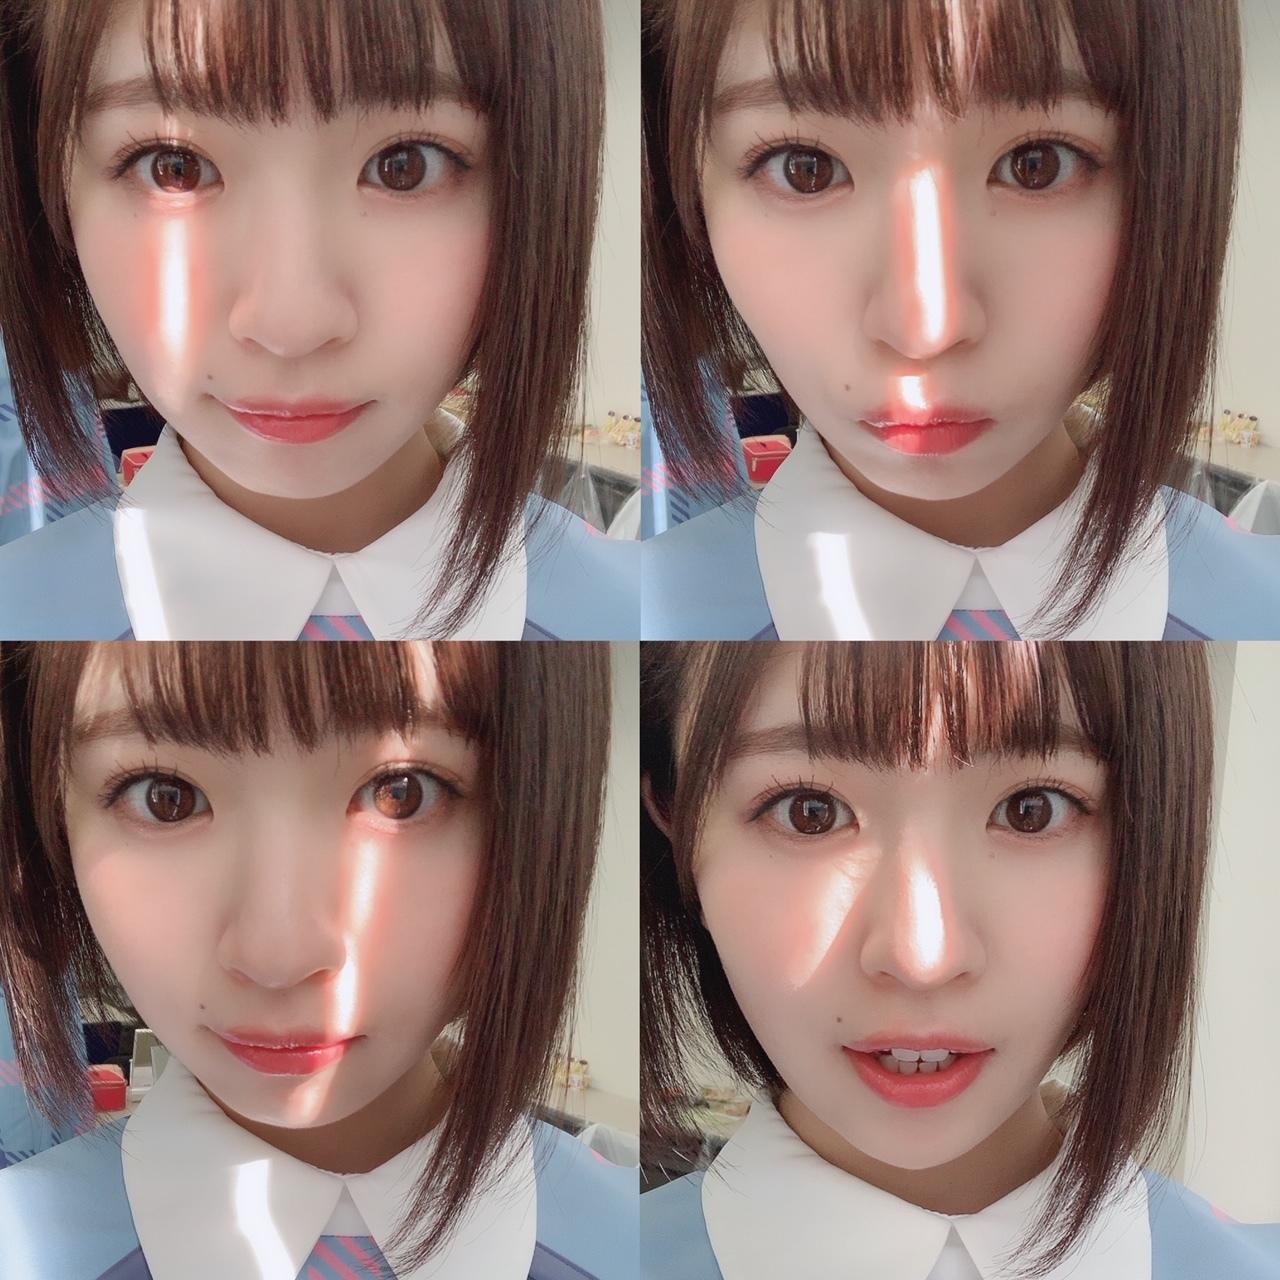 日向坂46メンバーブログまとめ2019年5月20日